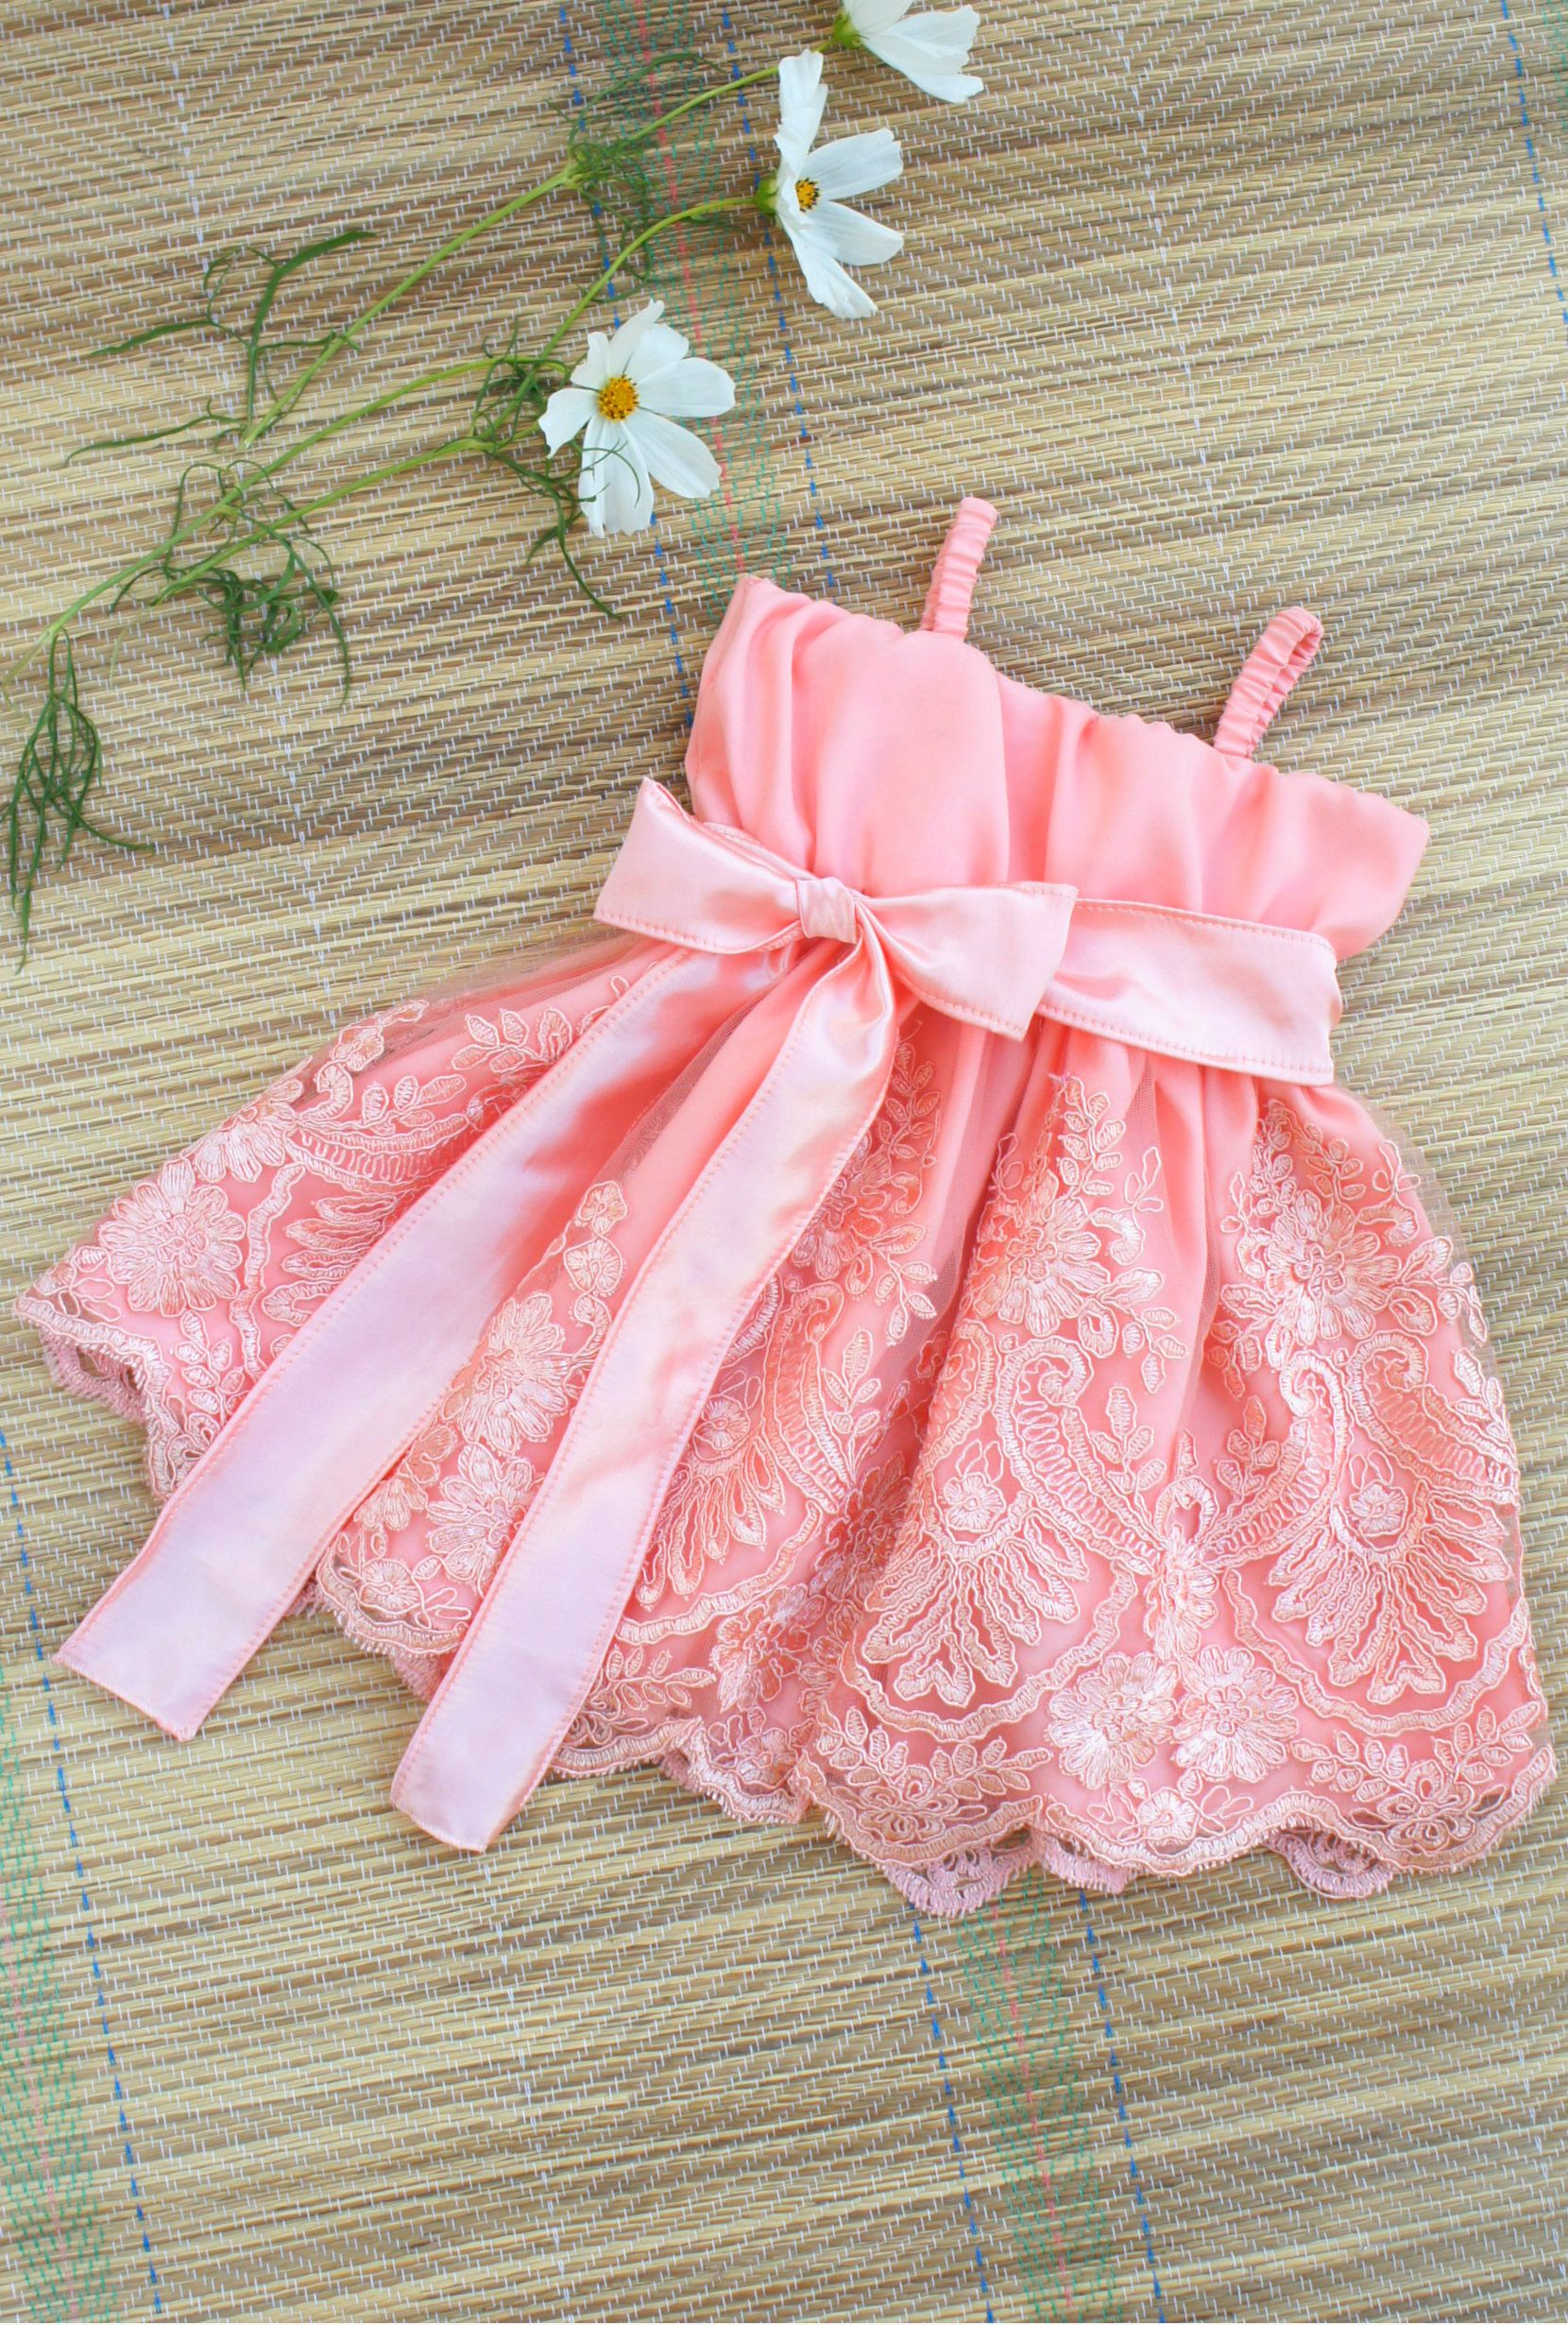 Lace dress for baby girl  Boho flower girl dress  Baby flower girl dress Baby lace dress